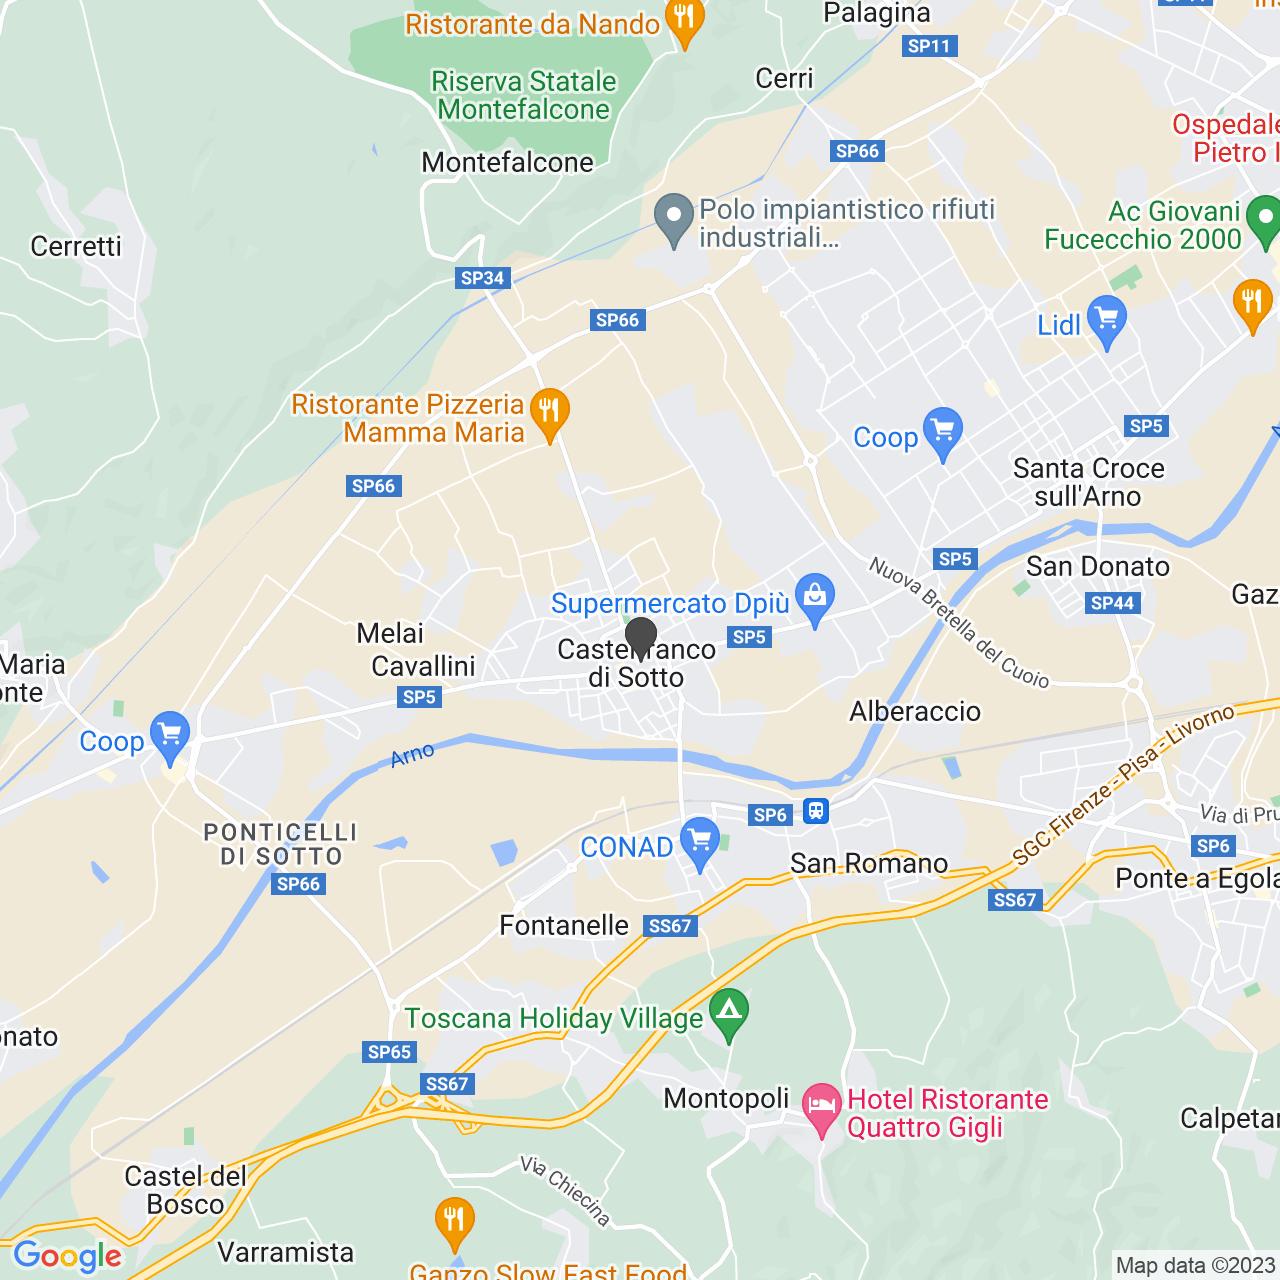 SOCCORSO SICURANZA SERVICE DI SOCCORSO